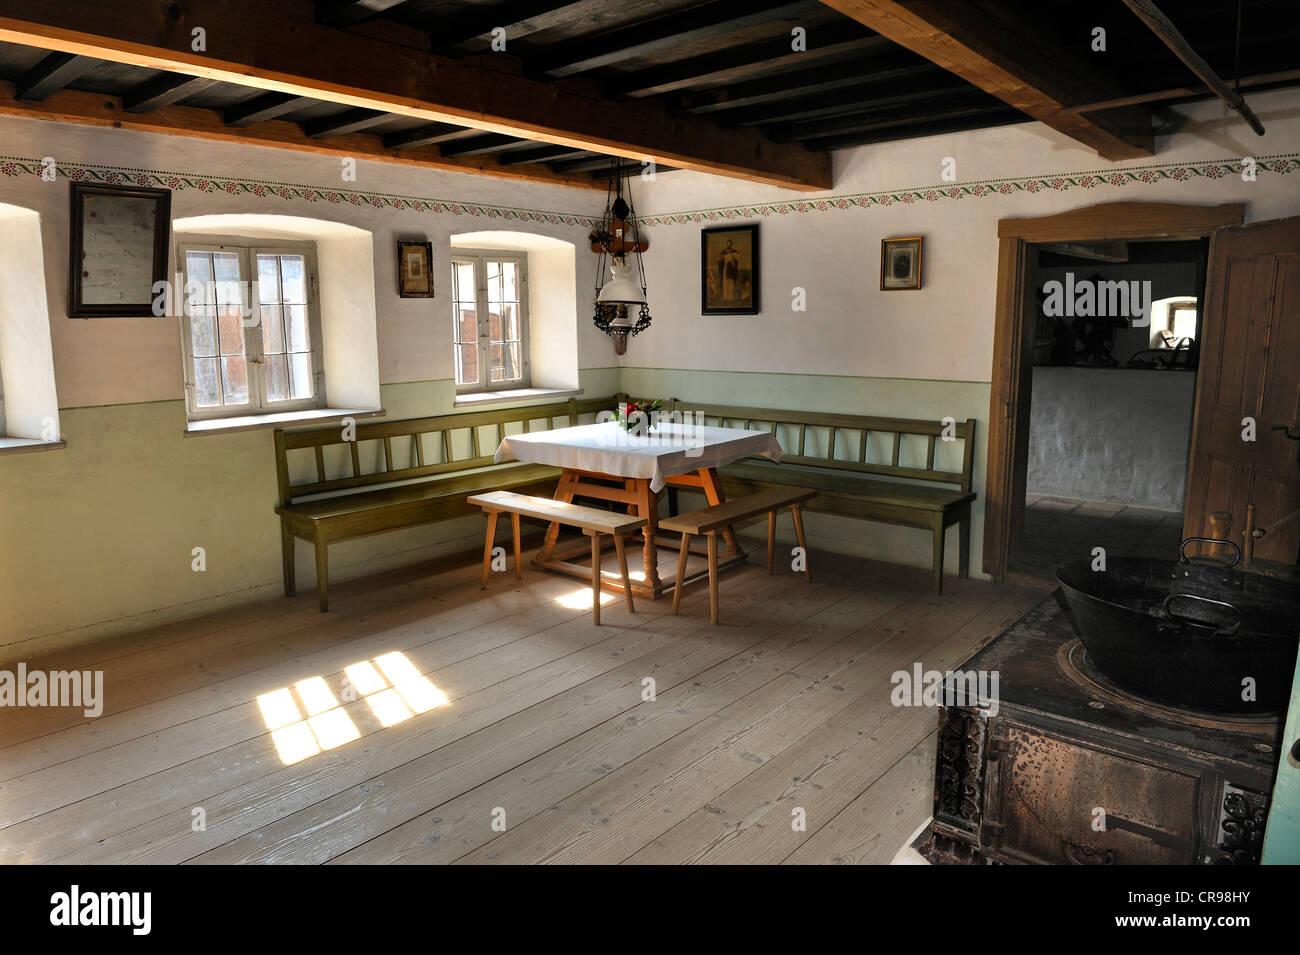 Farmhouse Kitchens Stockfotos & Farmhouse Kitchens Bilder - Alamy